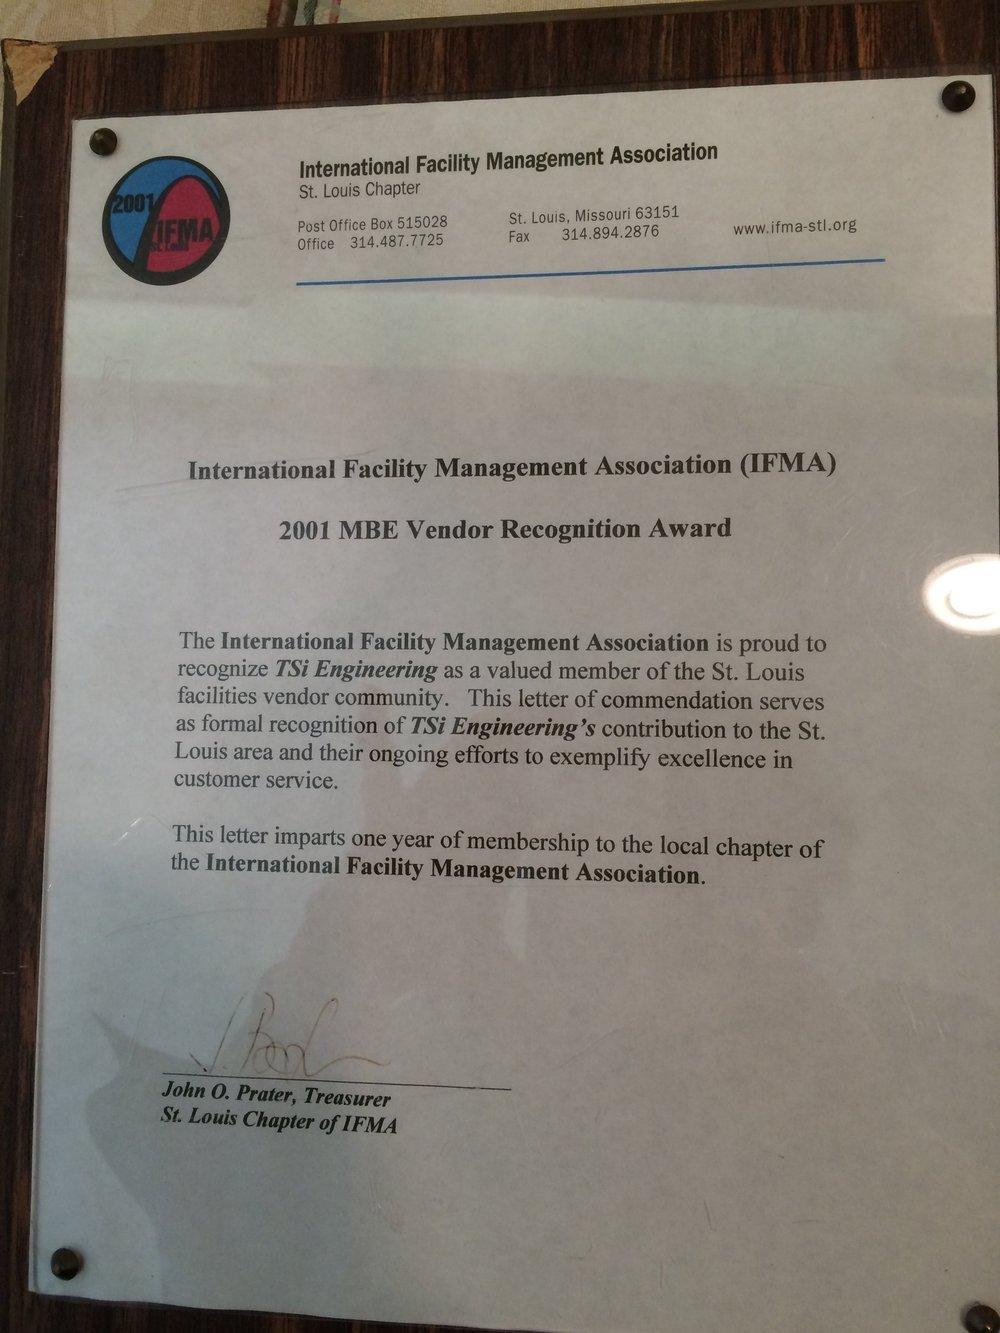 MBE Vendor Recognition Award